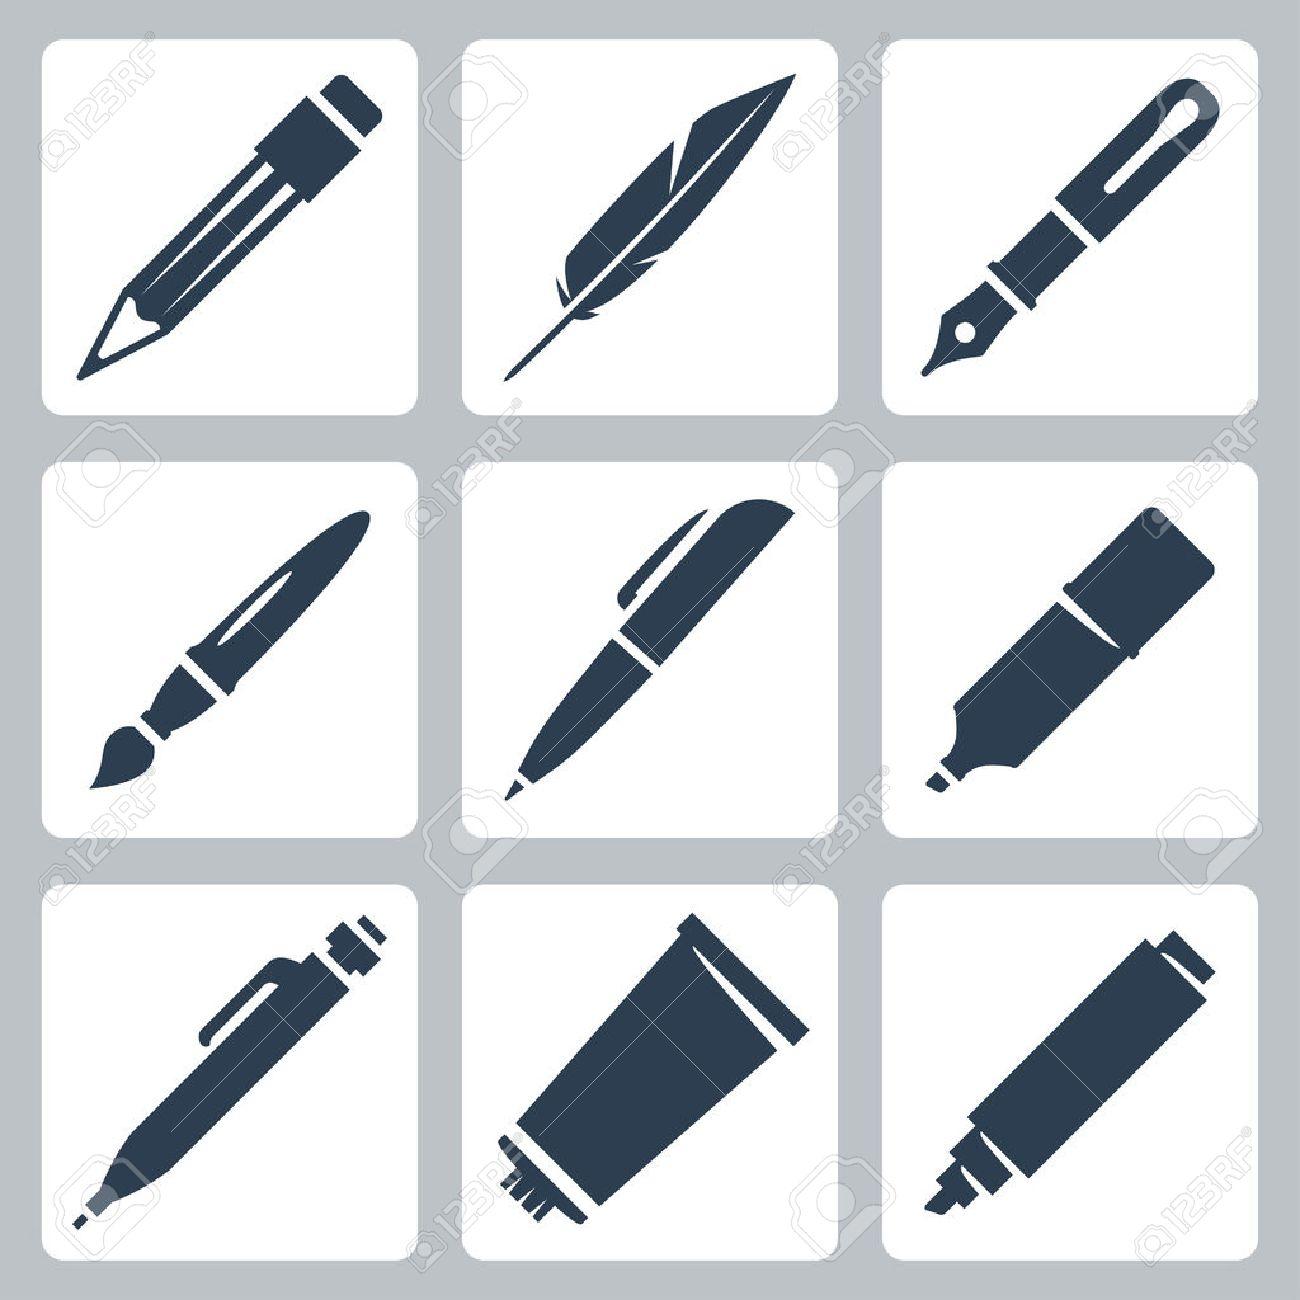 Vektor-Schreib-und Zeichenwerkzeuge Symbole Gesetzt: Bleistift ...